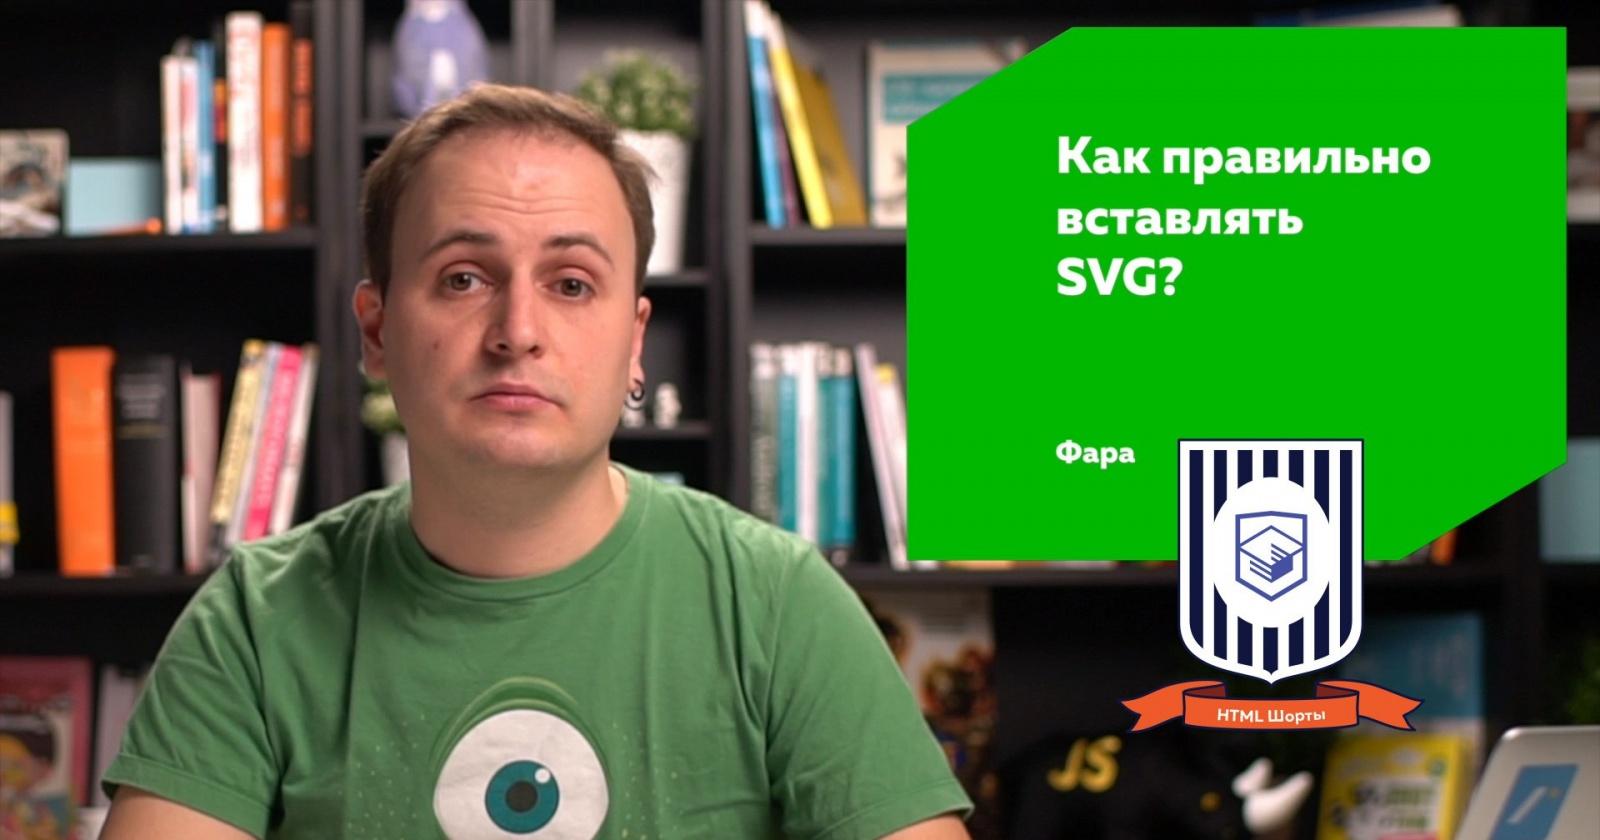 Как правильно вставлять SVG - 1